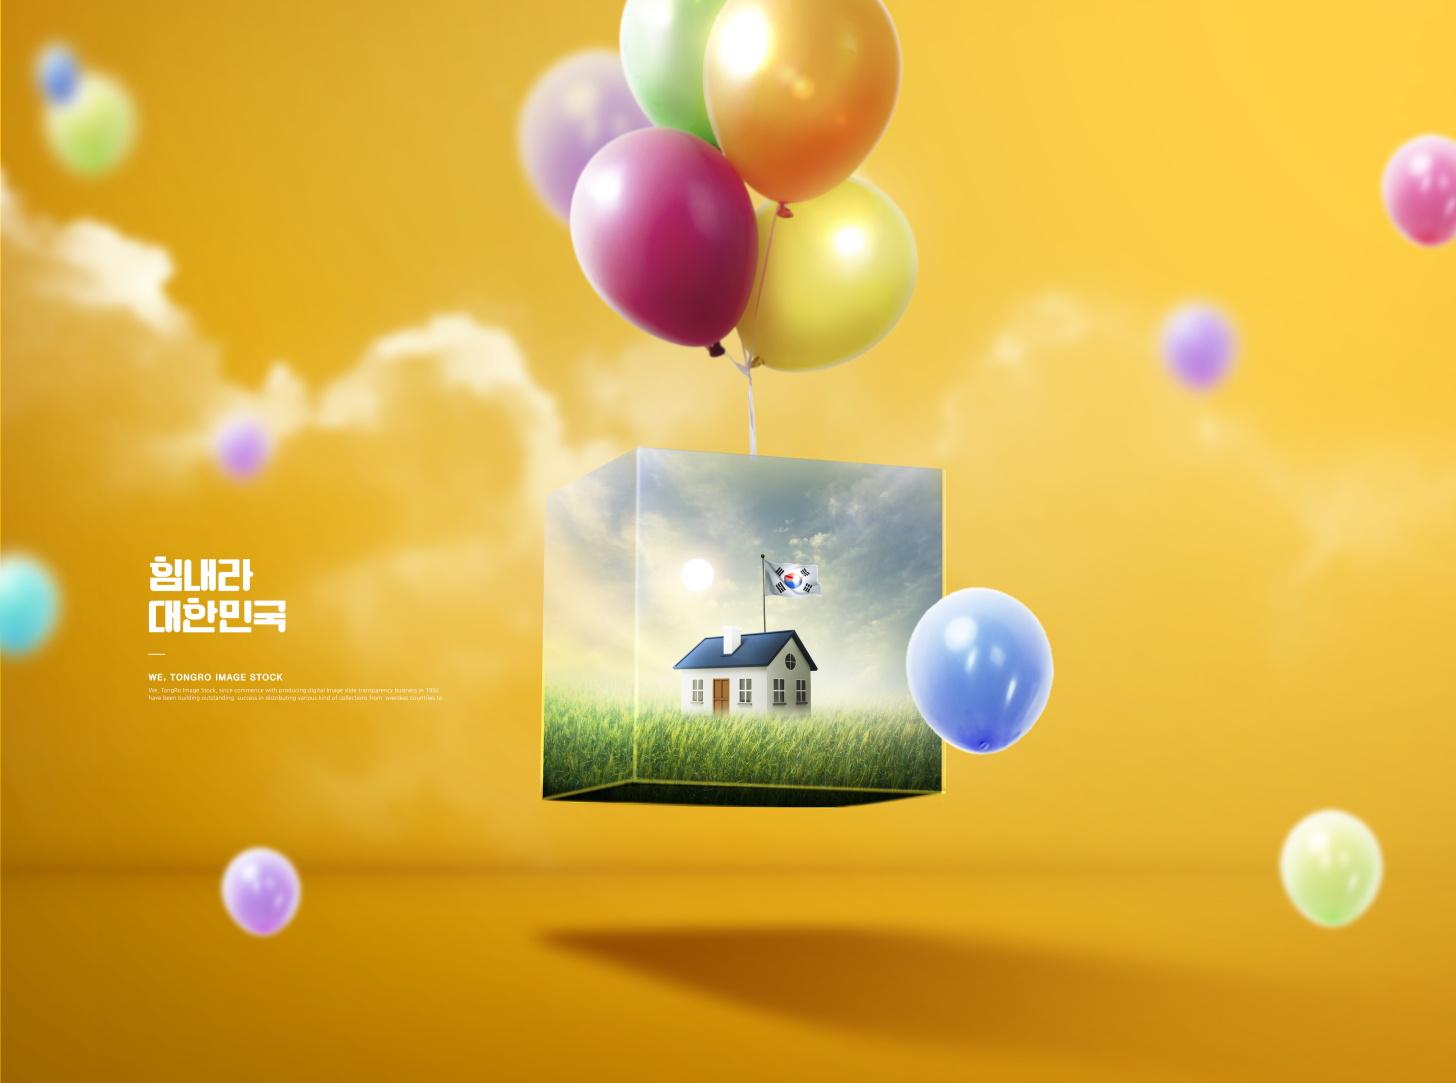 [单独购买] 14款时尚金融投资房地产企业文化宣传主视觉海报设计PSD模板素材 Financial Investment Sale Poster Template插图8